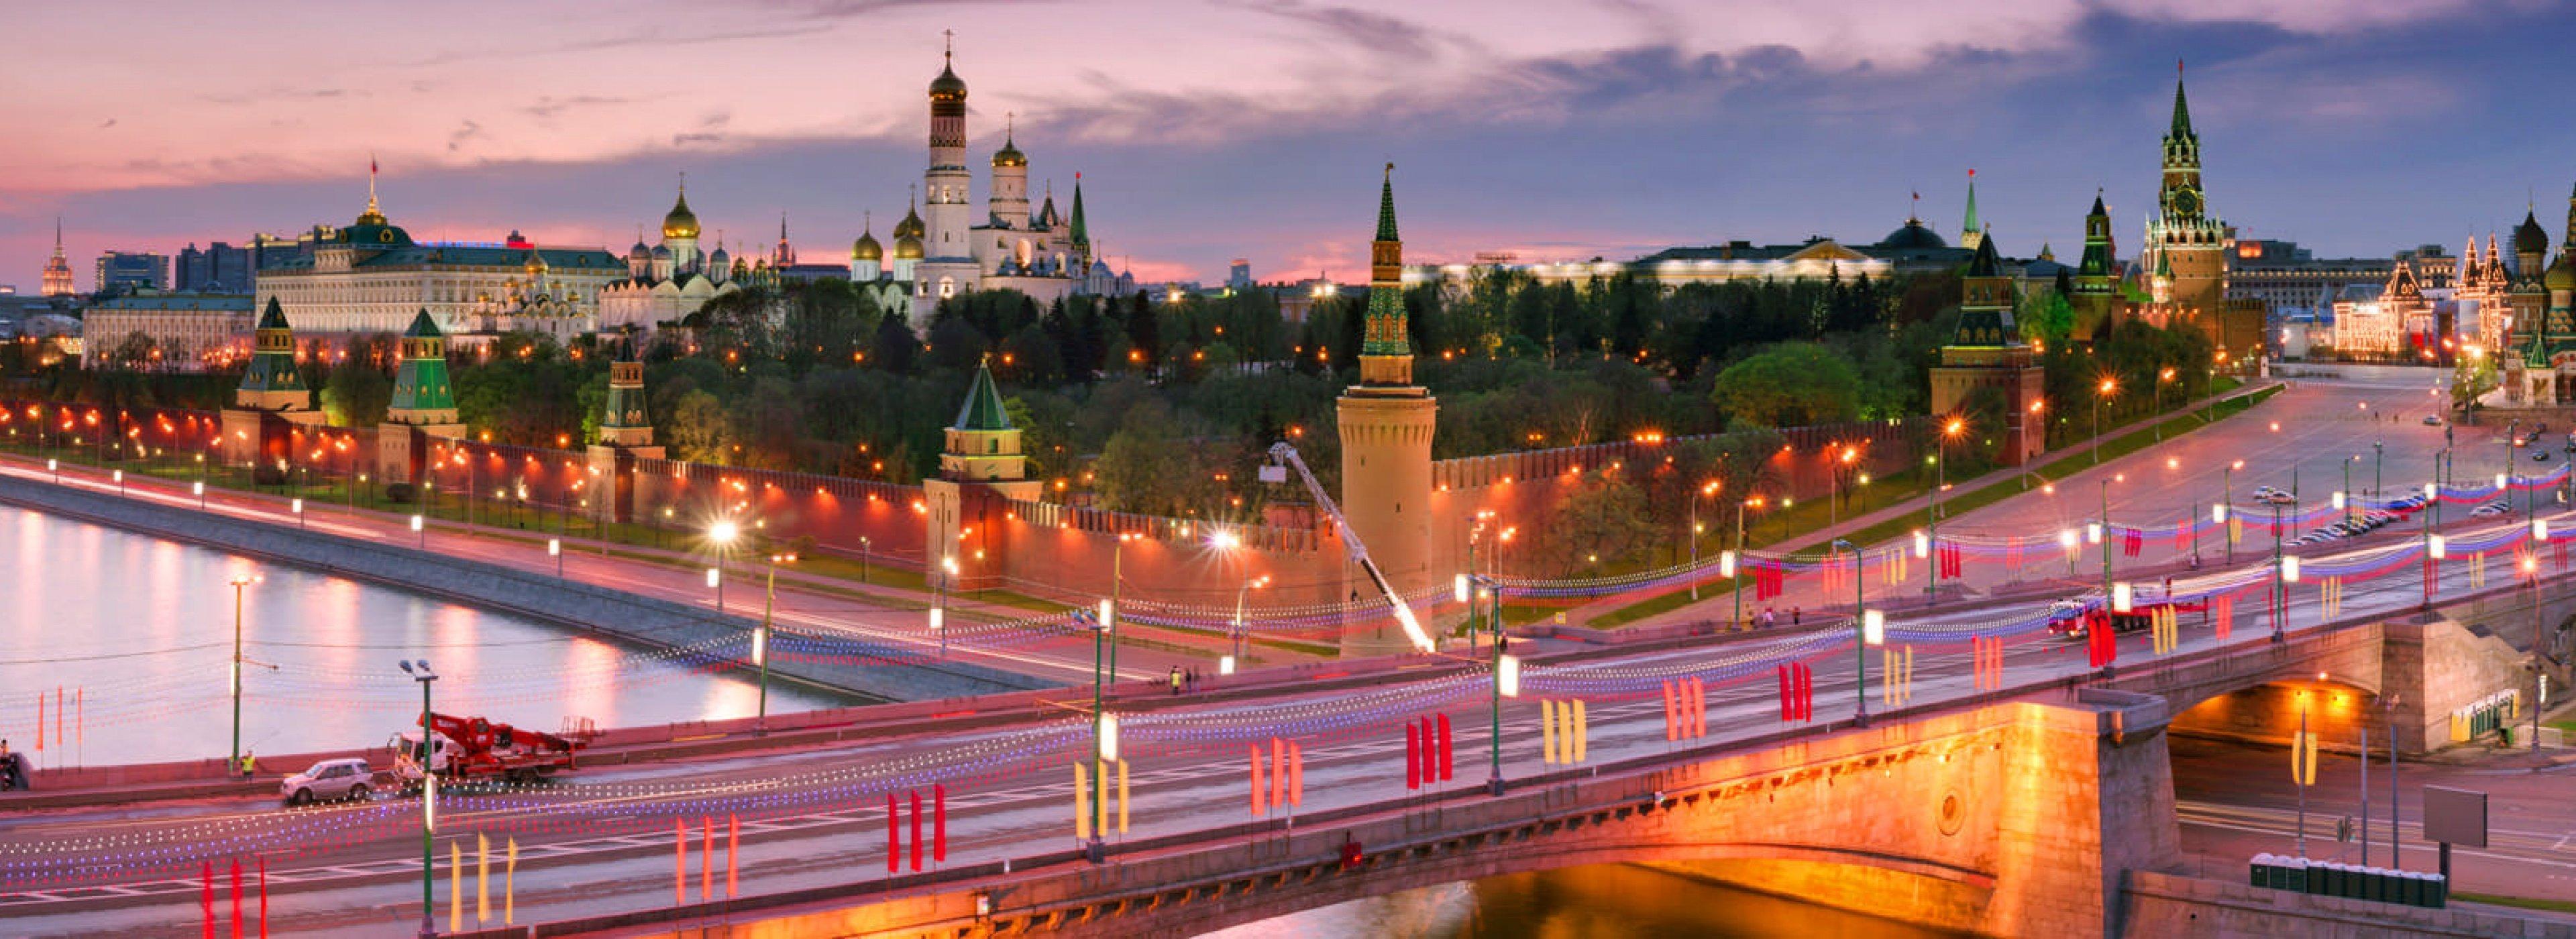 Moscow Night Tour